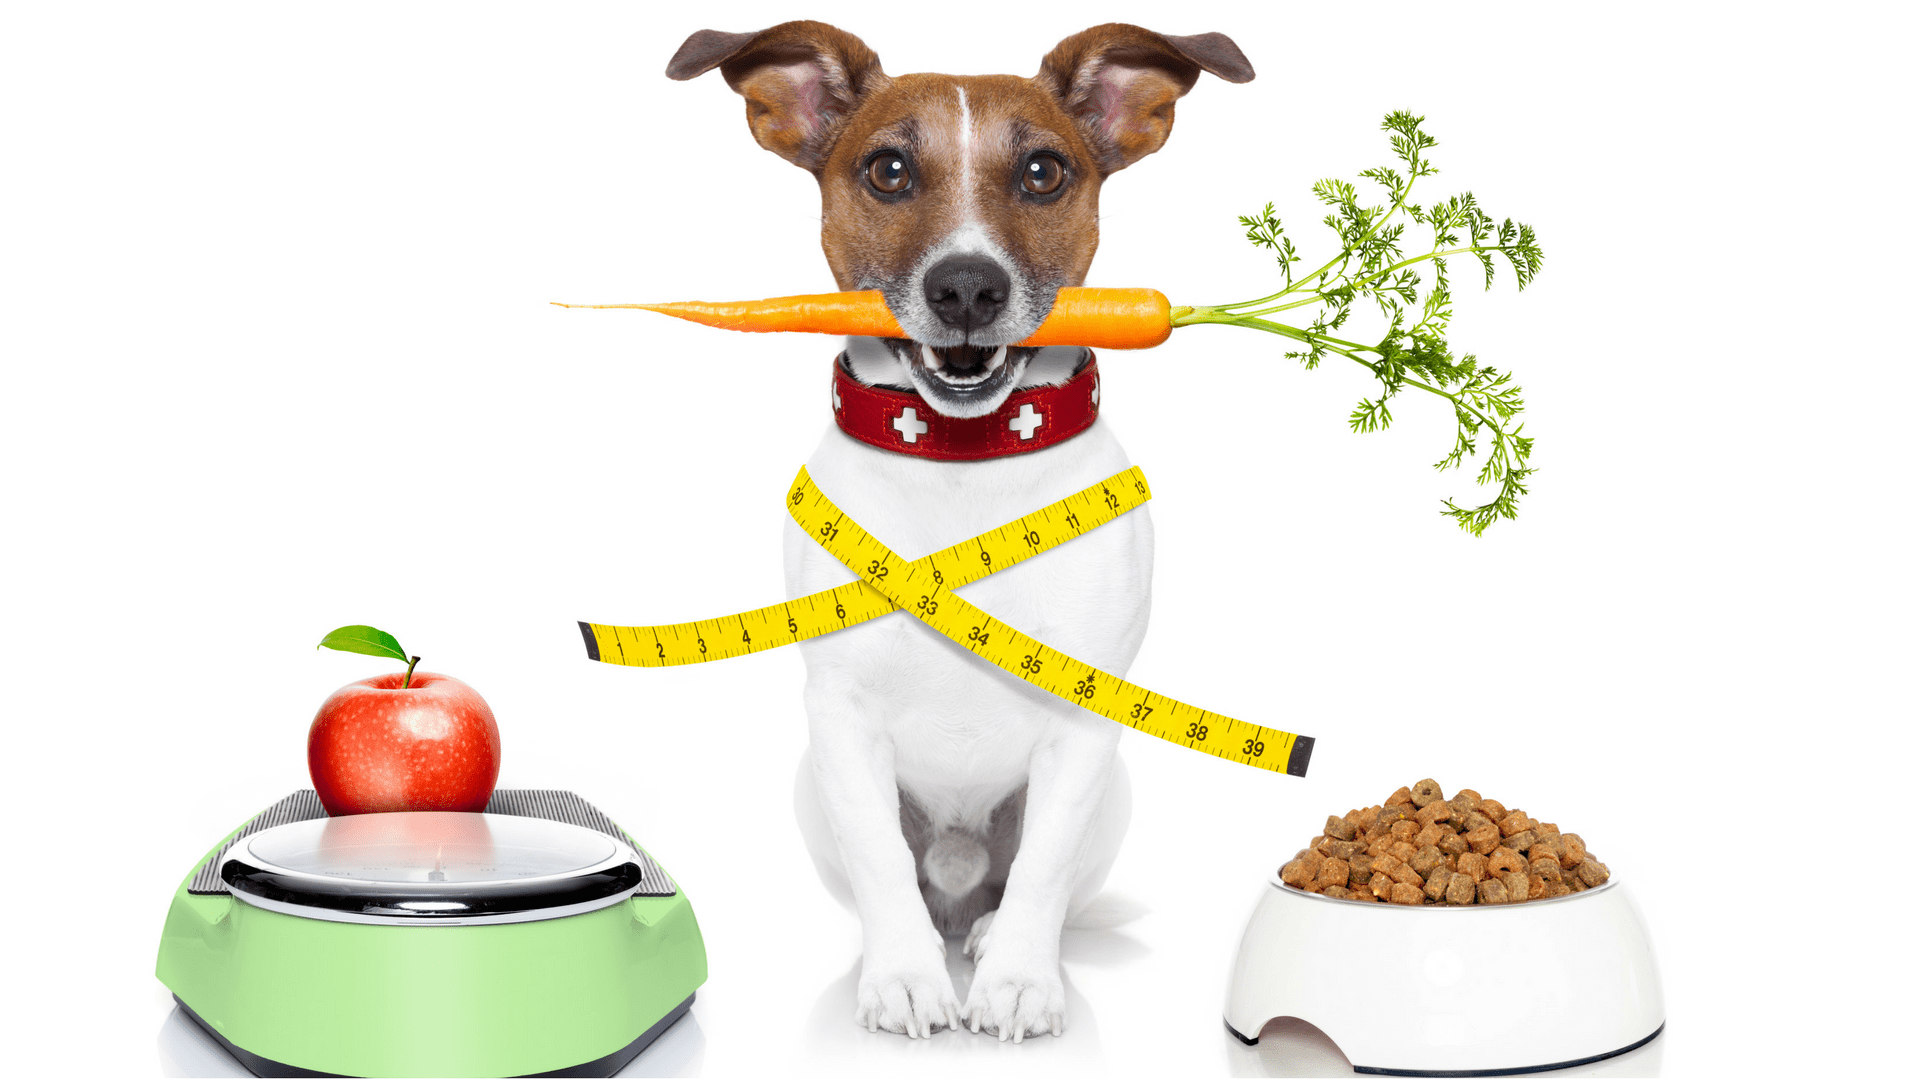 Come faccio a capire se il mio cane è in sovrappeso?